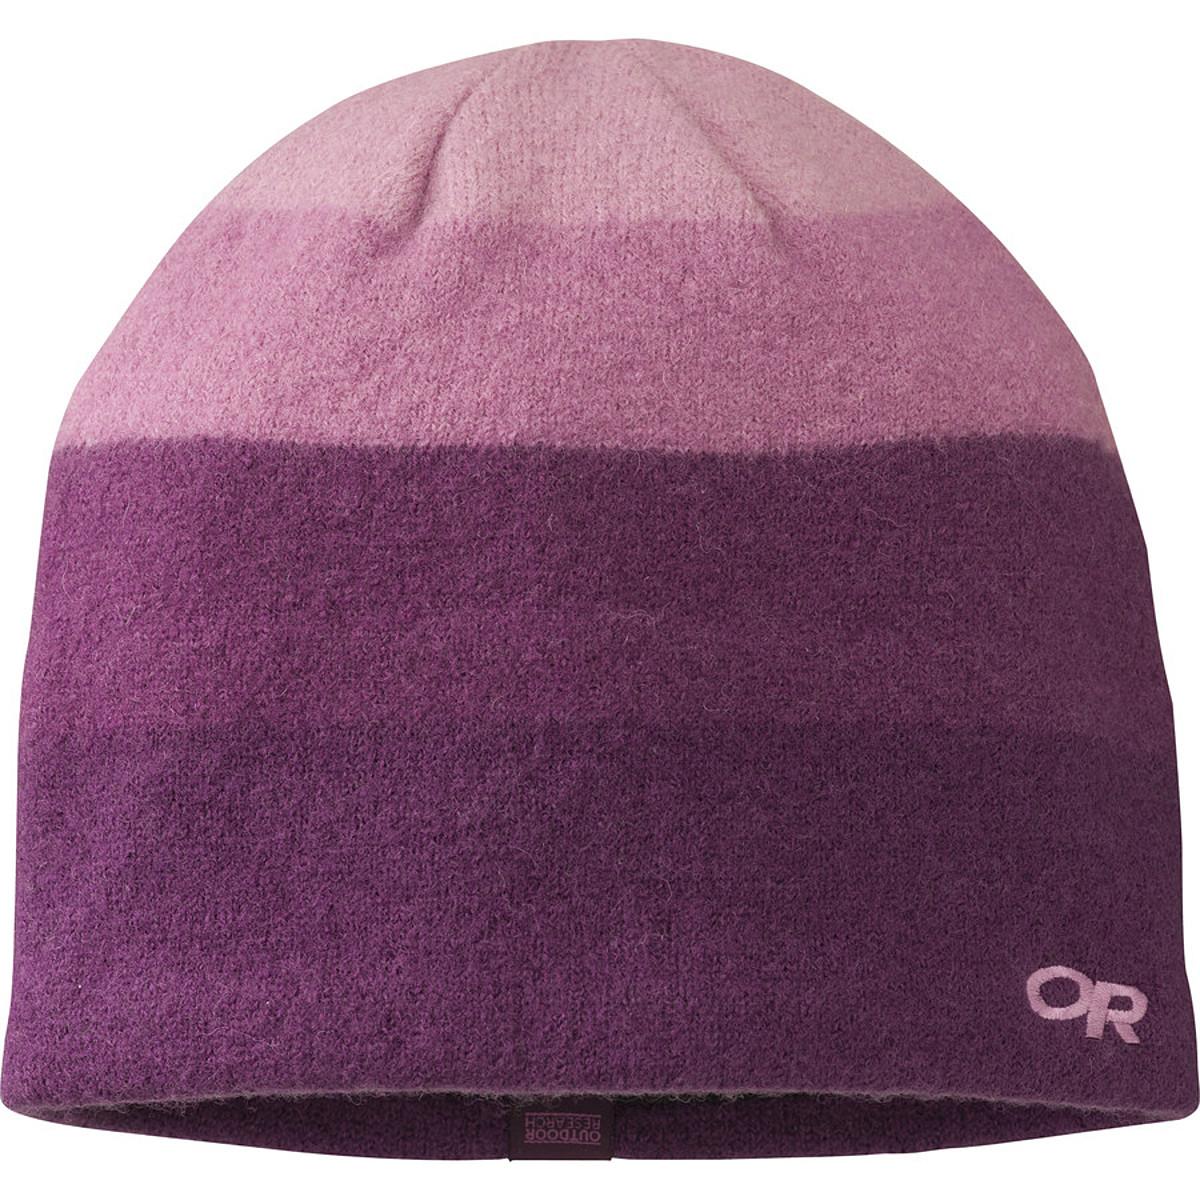 Outdoor Research Gradient Hat